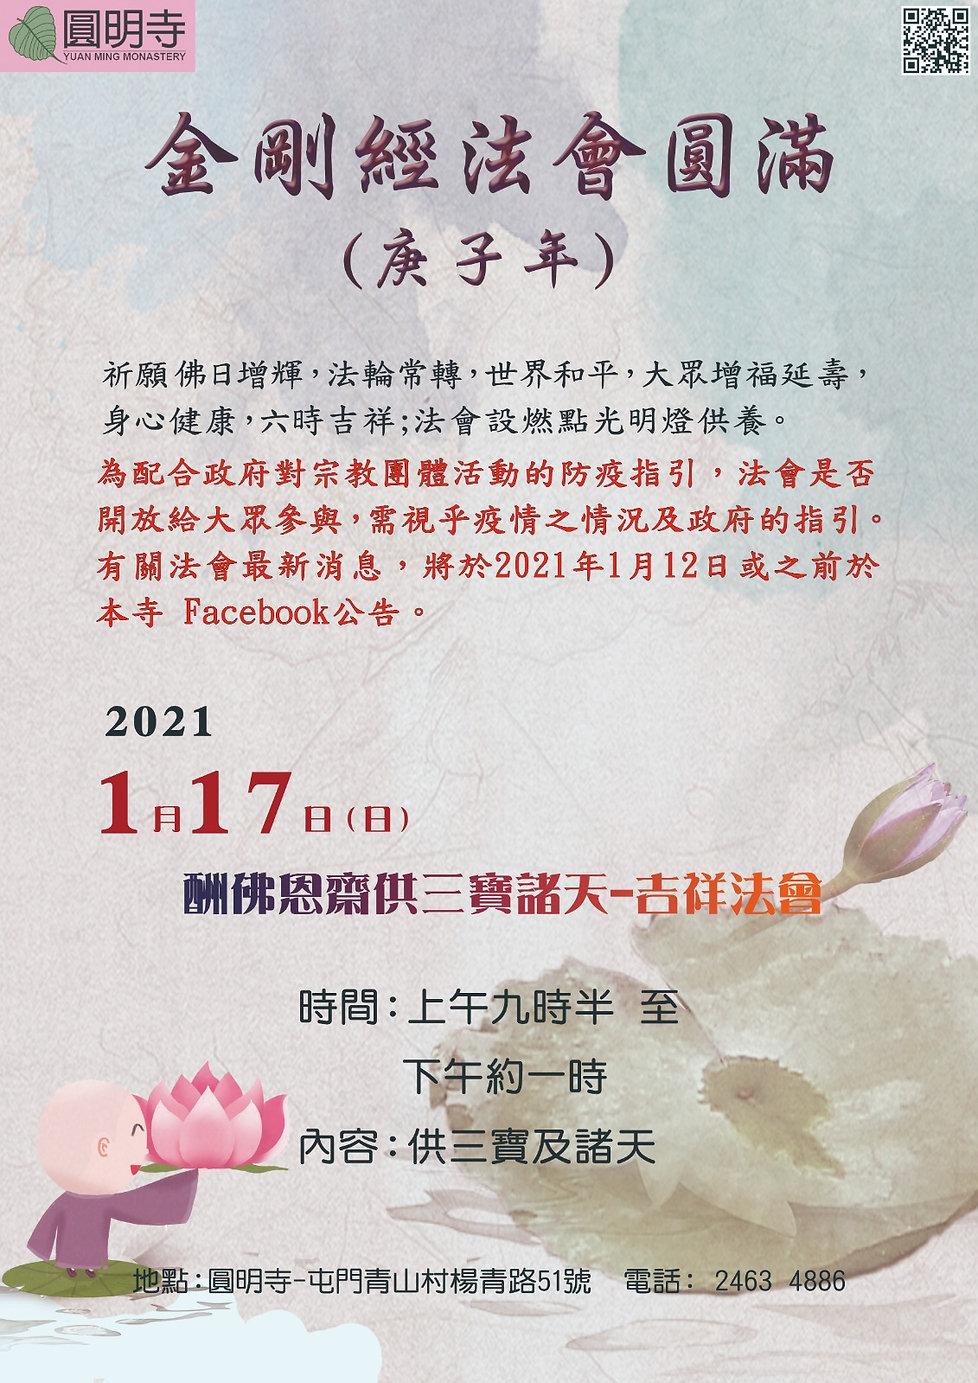 WhatsApp Image 2020-12-09 at 16.30.39.jp